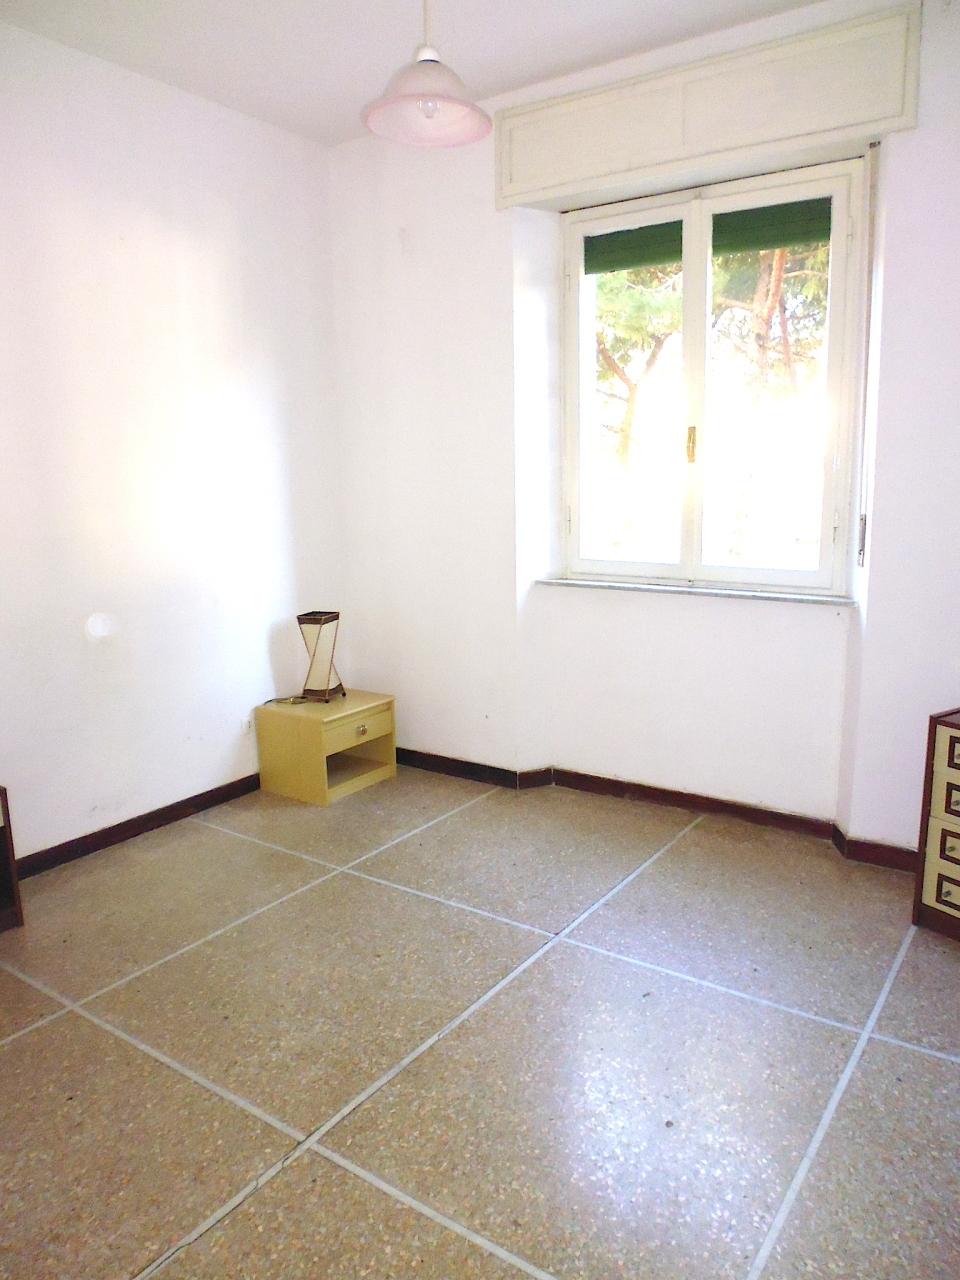 livorno affitto quart: fabbricotti agenzia-studio-tecnico-immobiliare-&-c-s.a.s.